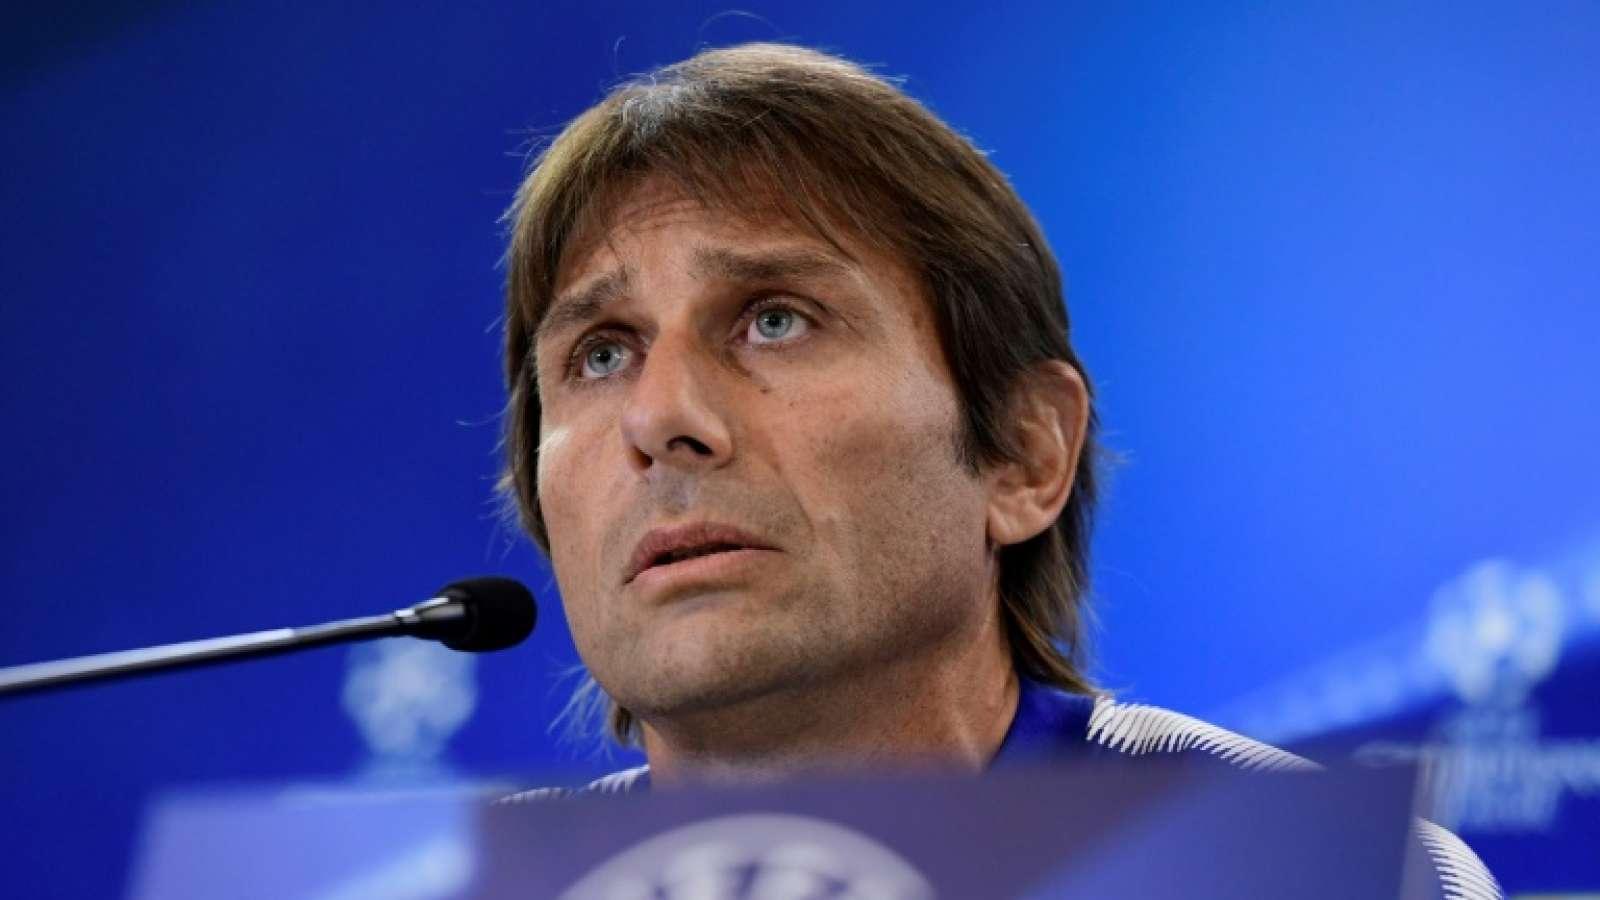 PSG : Antonio Conte futur entraîneur du club francilien ?